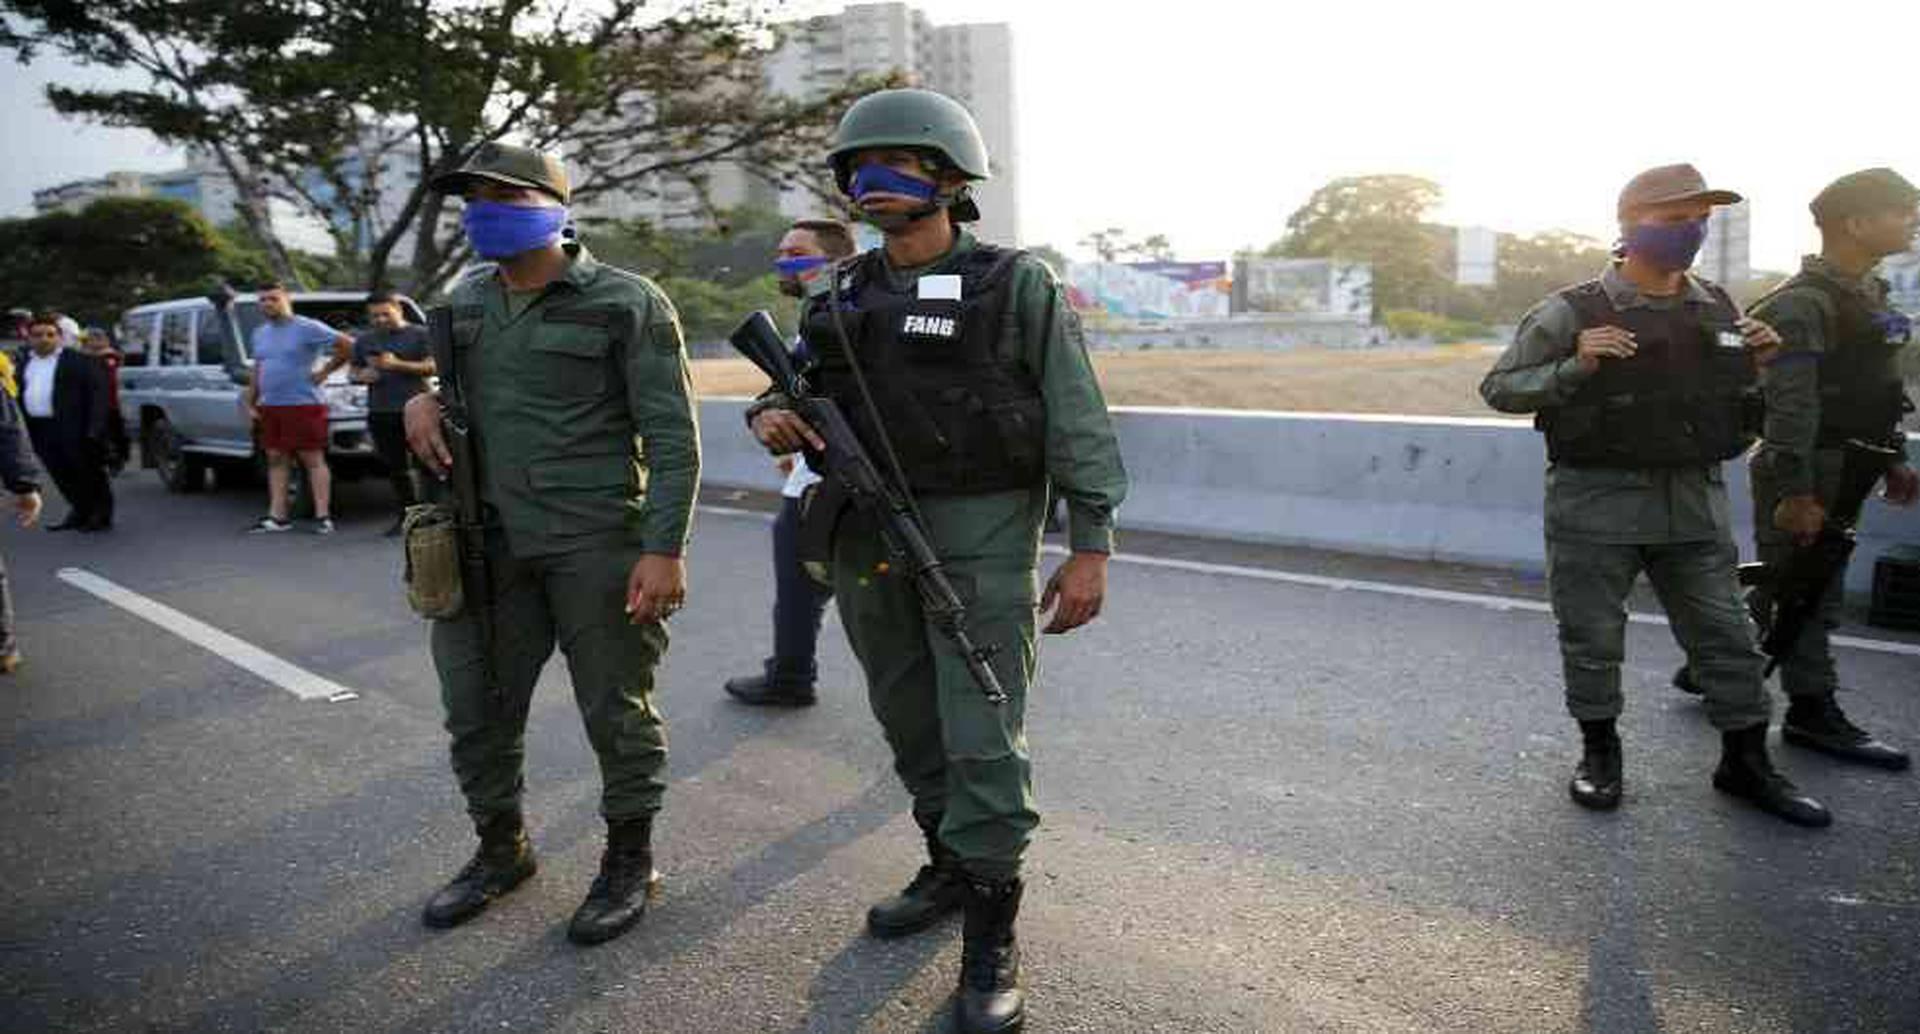 Nicolás Maduro y Juan Guaidó aseguran contar con apoyo militar. La gran pregunta es qué militar apoya a quién.